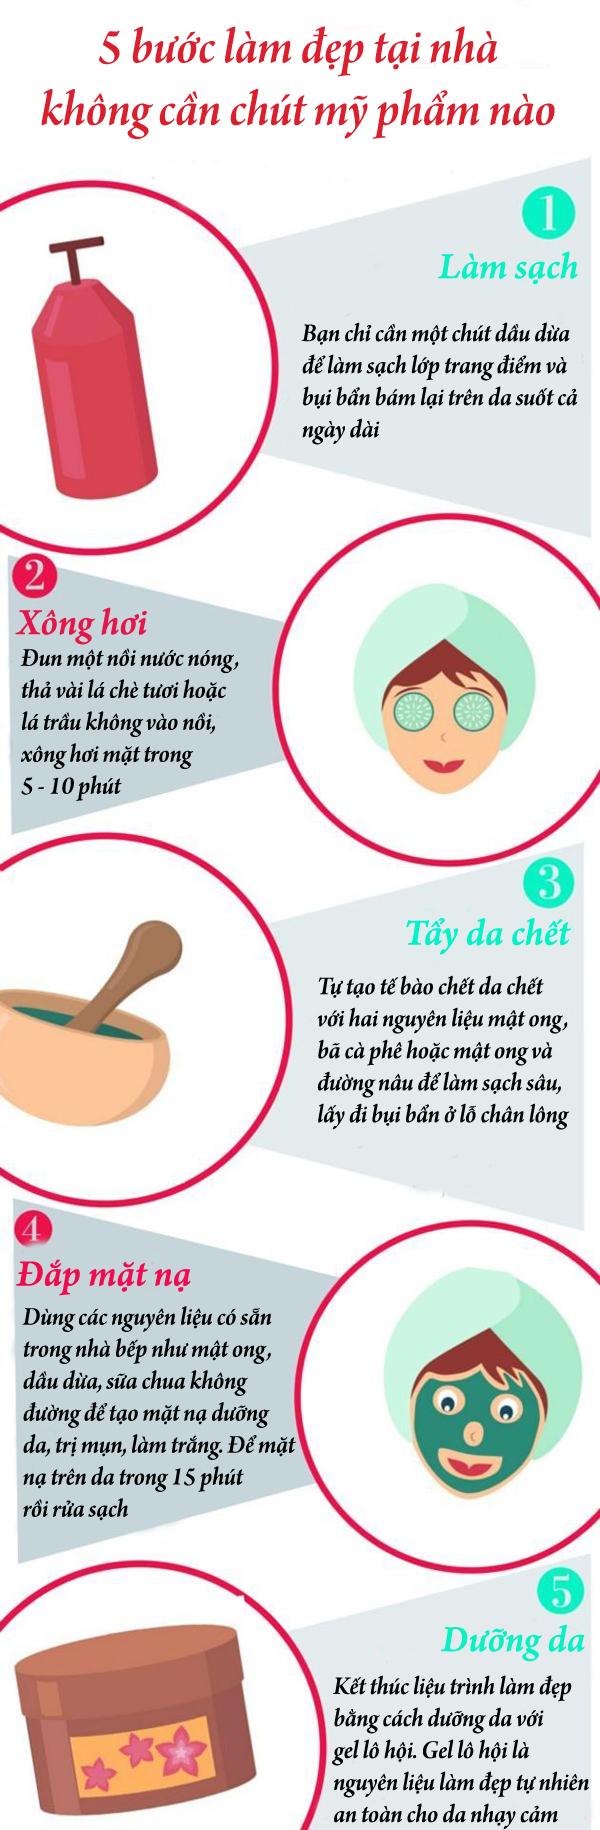 5 bước làm đẹp tại nhà không cần đến mỹ phẩm da vẫn căng mịn - Ảnh 1